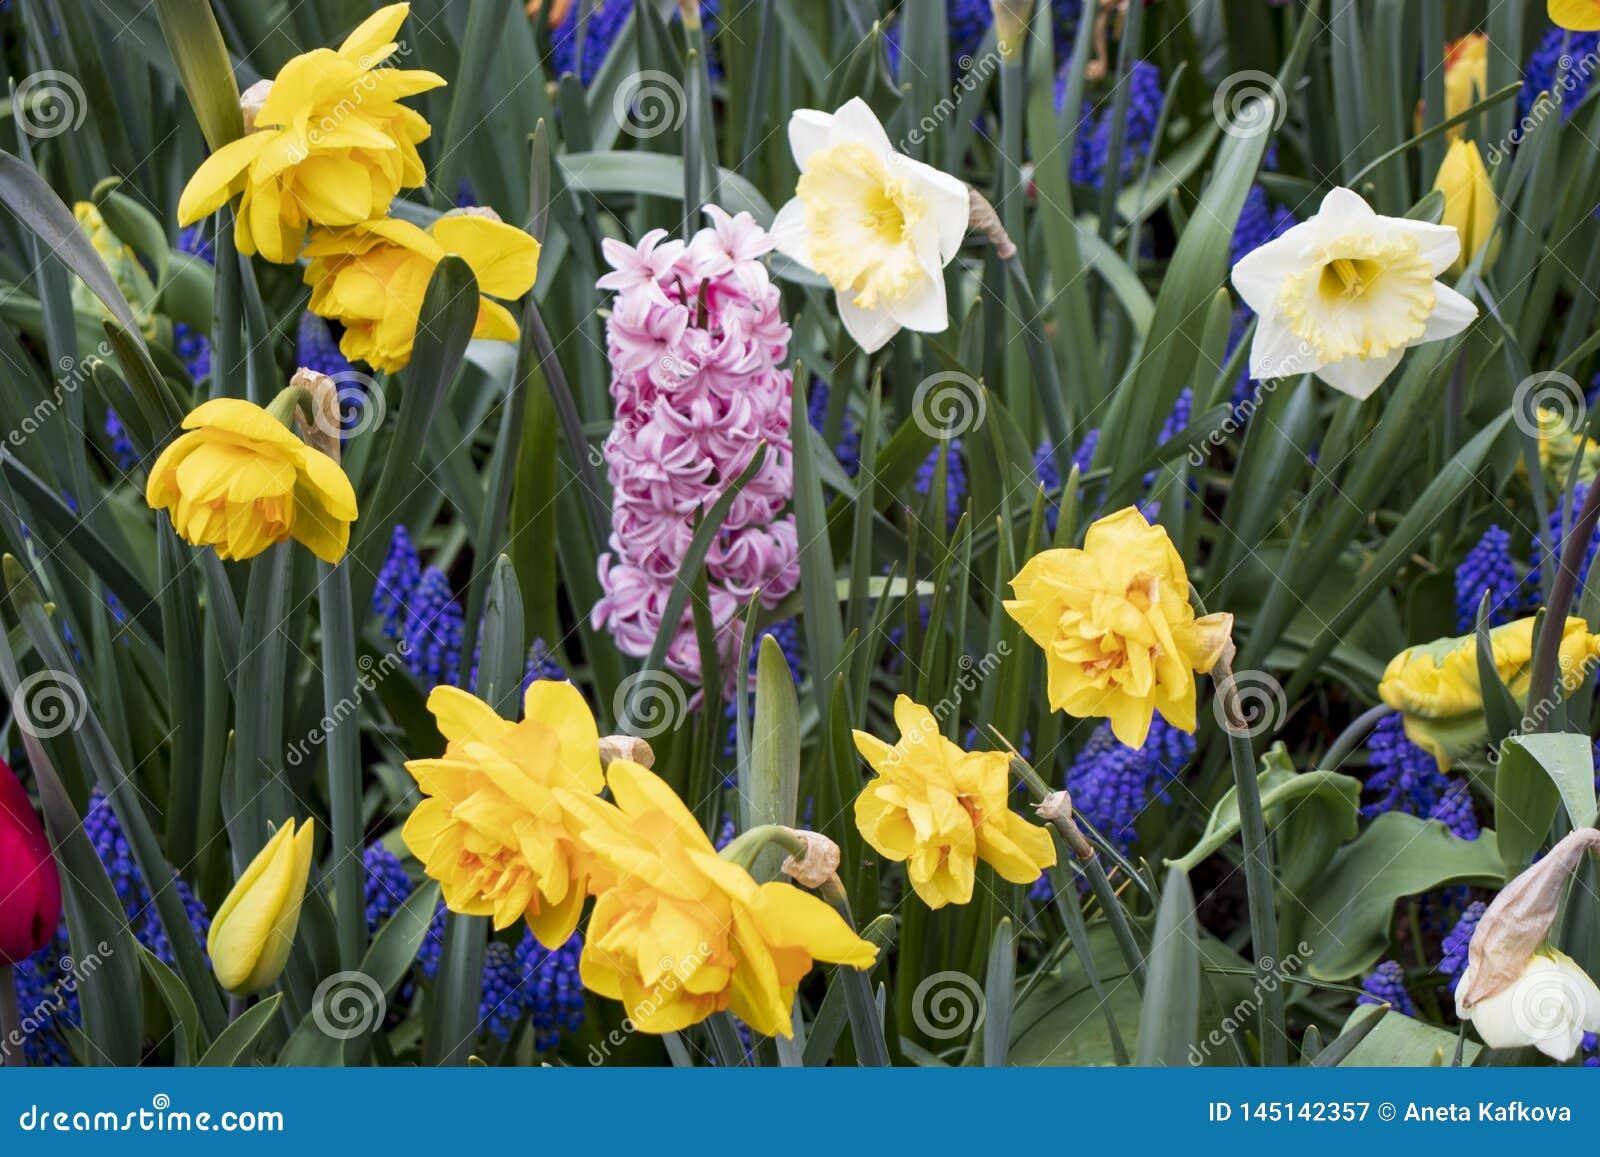 Mooi en kleurrijk gebied met bloemen